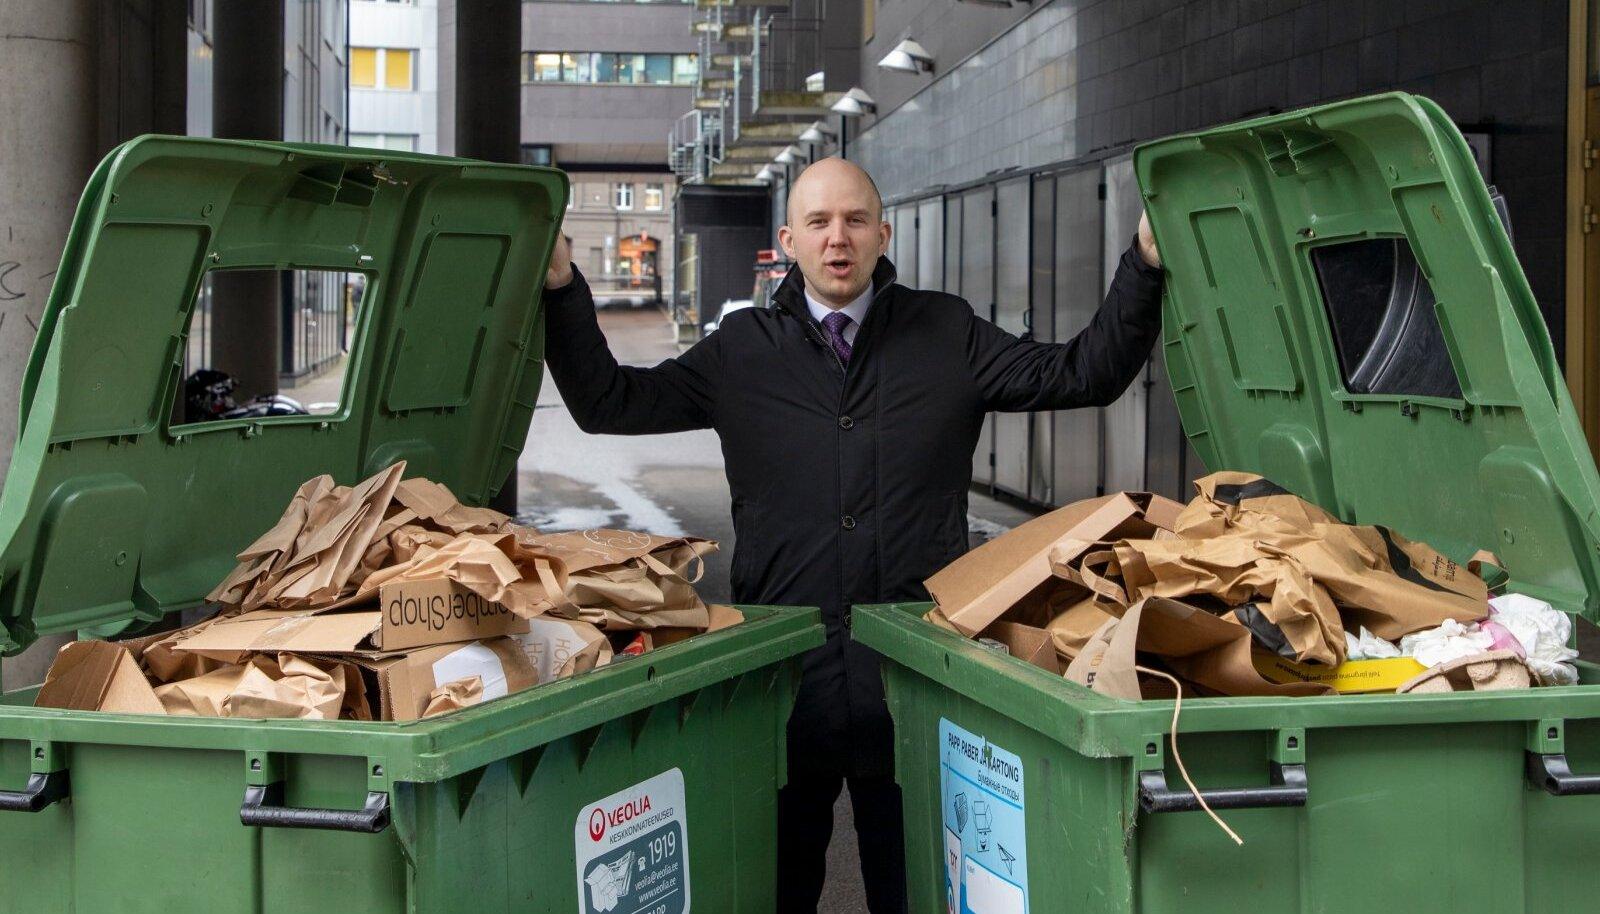 Keskkonnaminister Tõnis Mölder ütleb, et kuni inimesi nende mugavustsoonist välja ei saa, pole lootust, et ühiskond tervikuna hoolsalt jäätmeid sortima hakkaks.